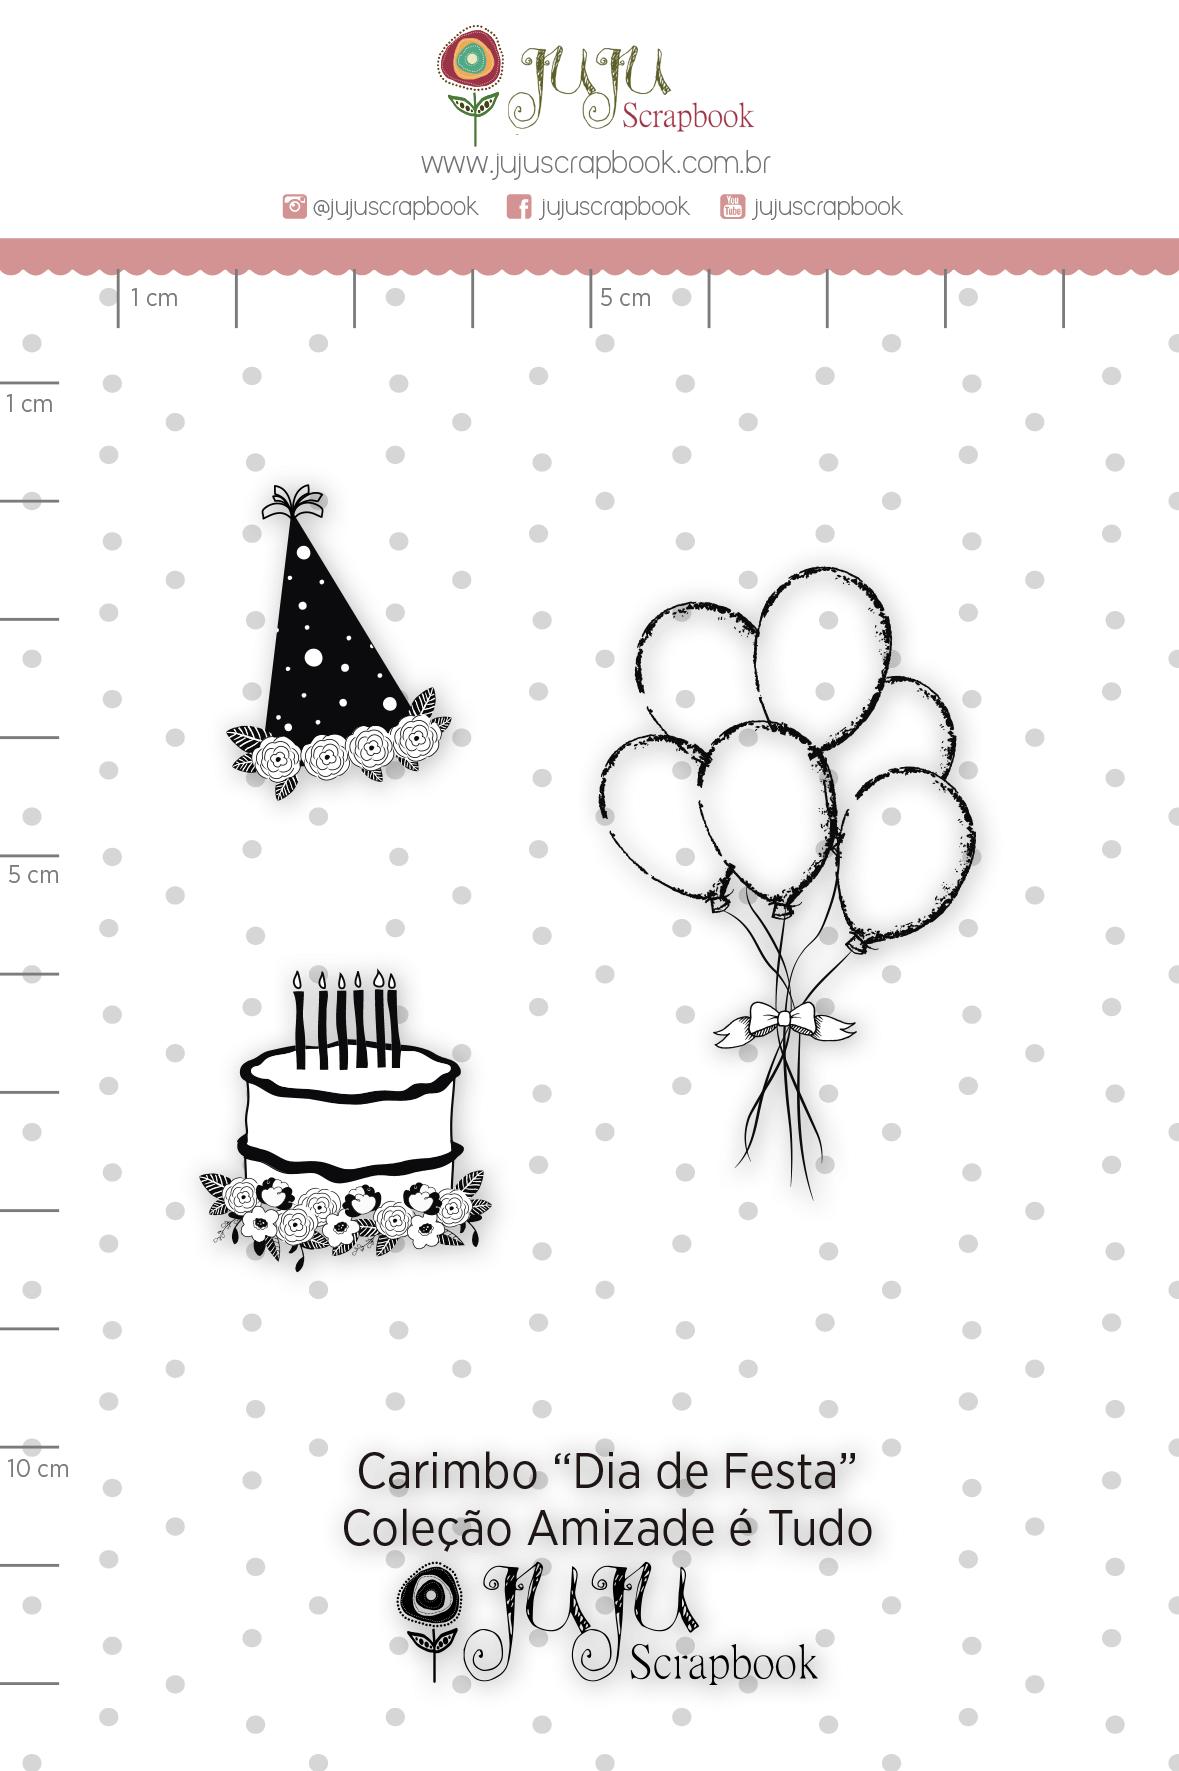 Carimbo M Dia de Festa - Coleção Amizade é Tudo - JuJu Scrapbook  - JuJu Scrapbook